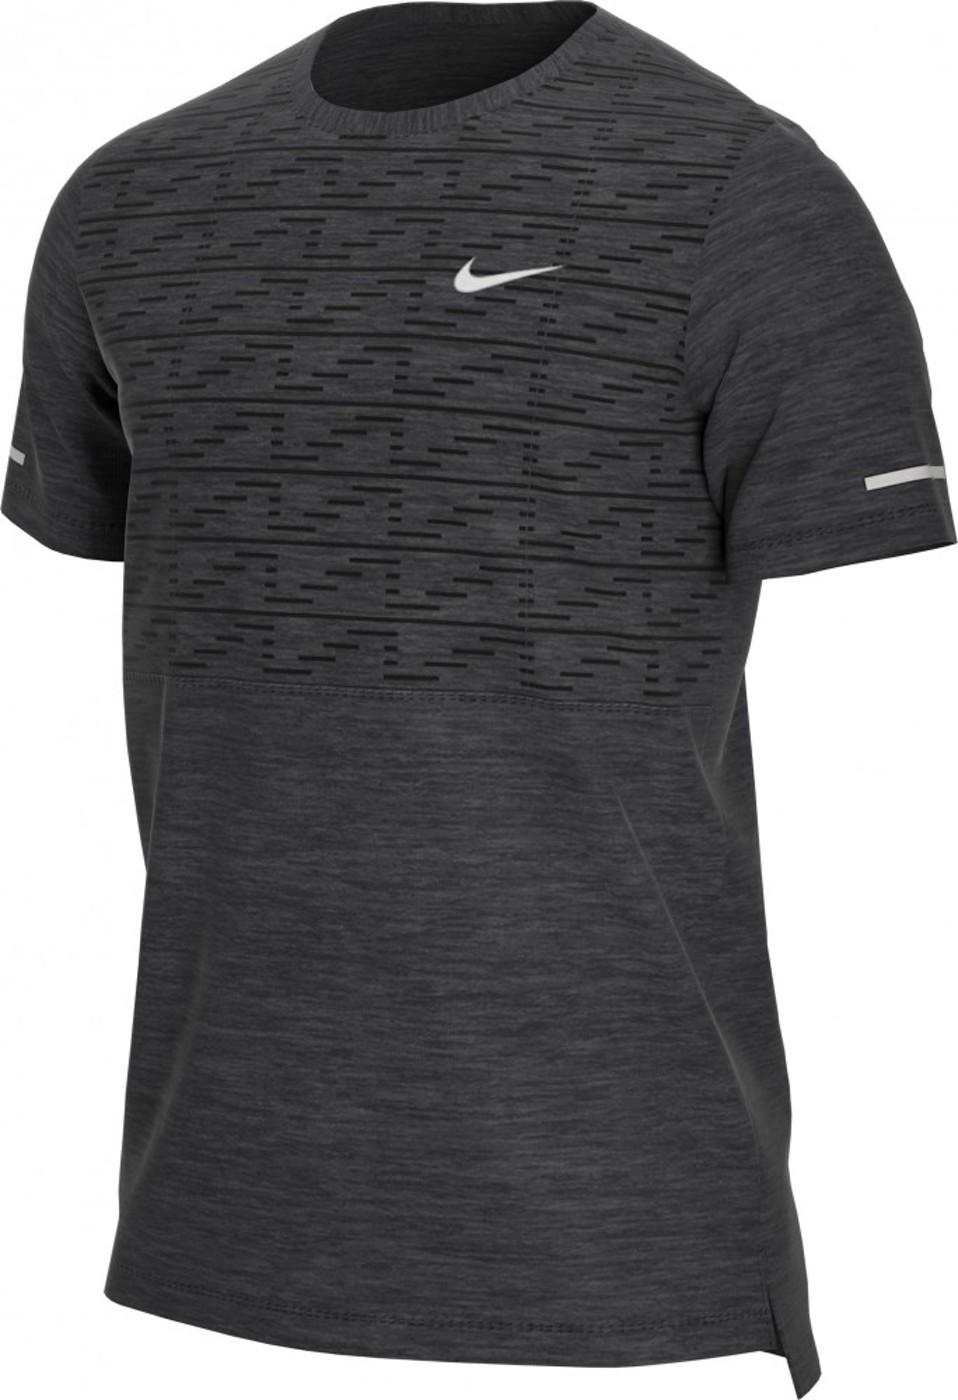 Nike Dri-FIT Run Division Mile - Herren